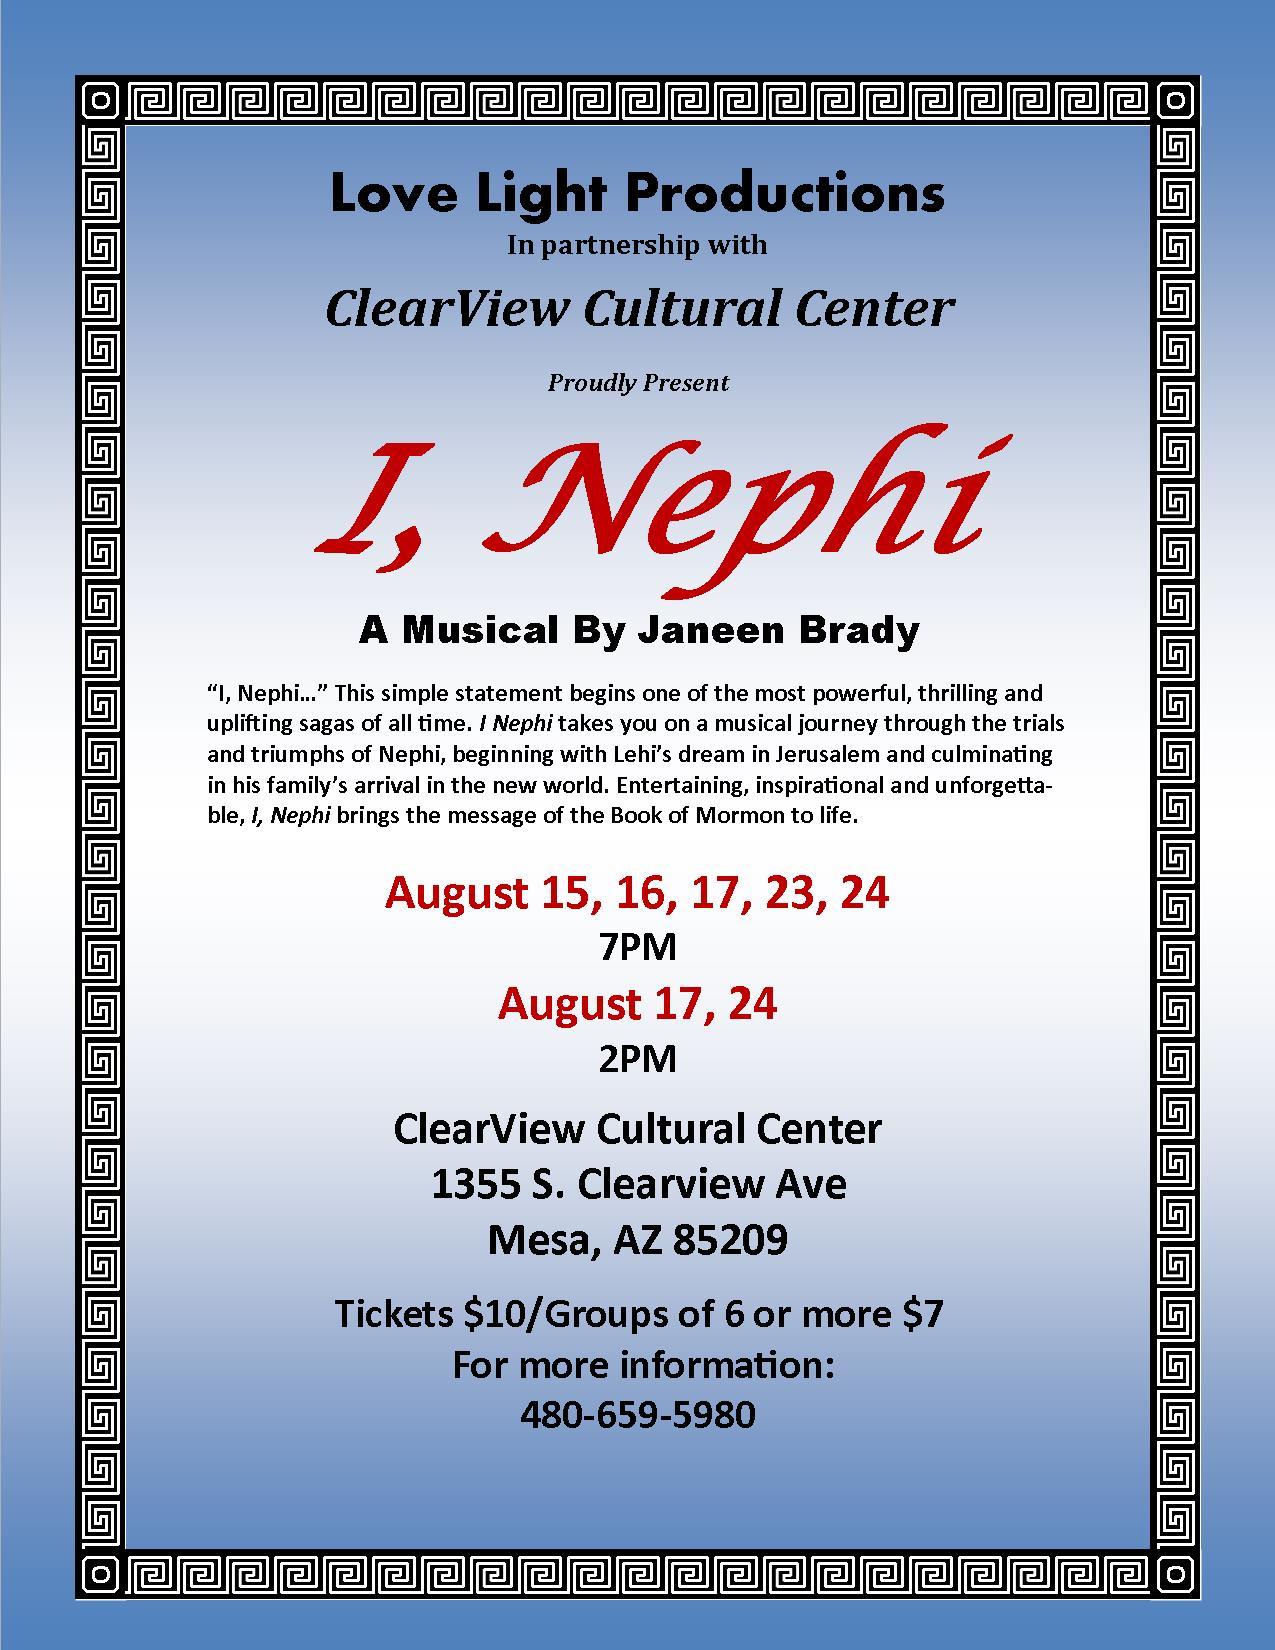 I, Nephi a Musical